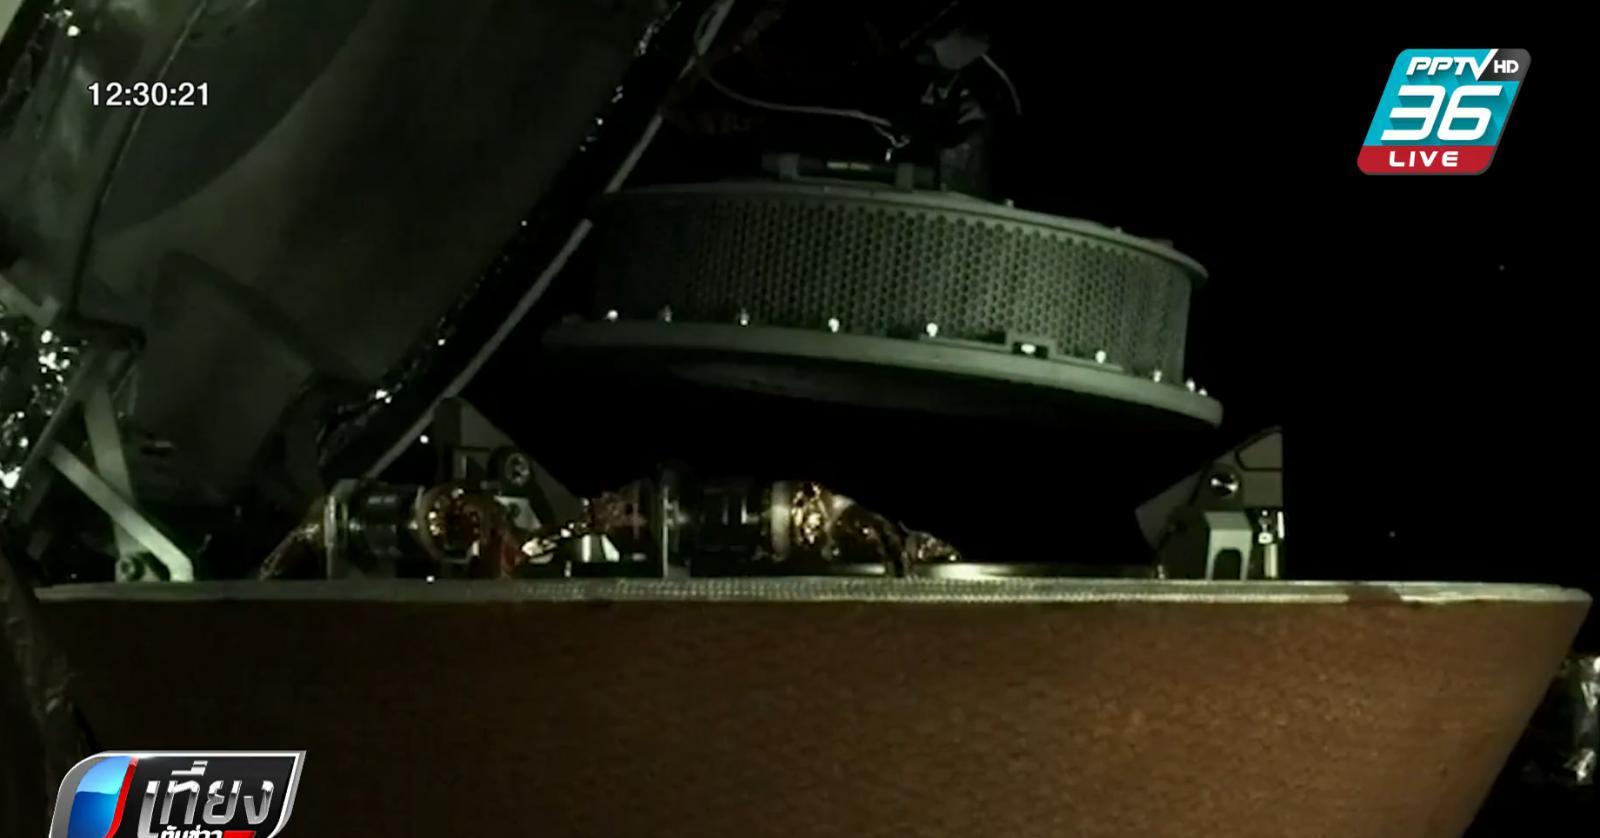 ยานนาซาเสร็จสิ้นภารกิจเก็บตัวอย่างดาวเคราะห์น้อย